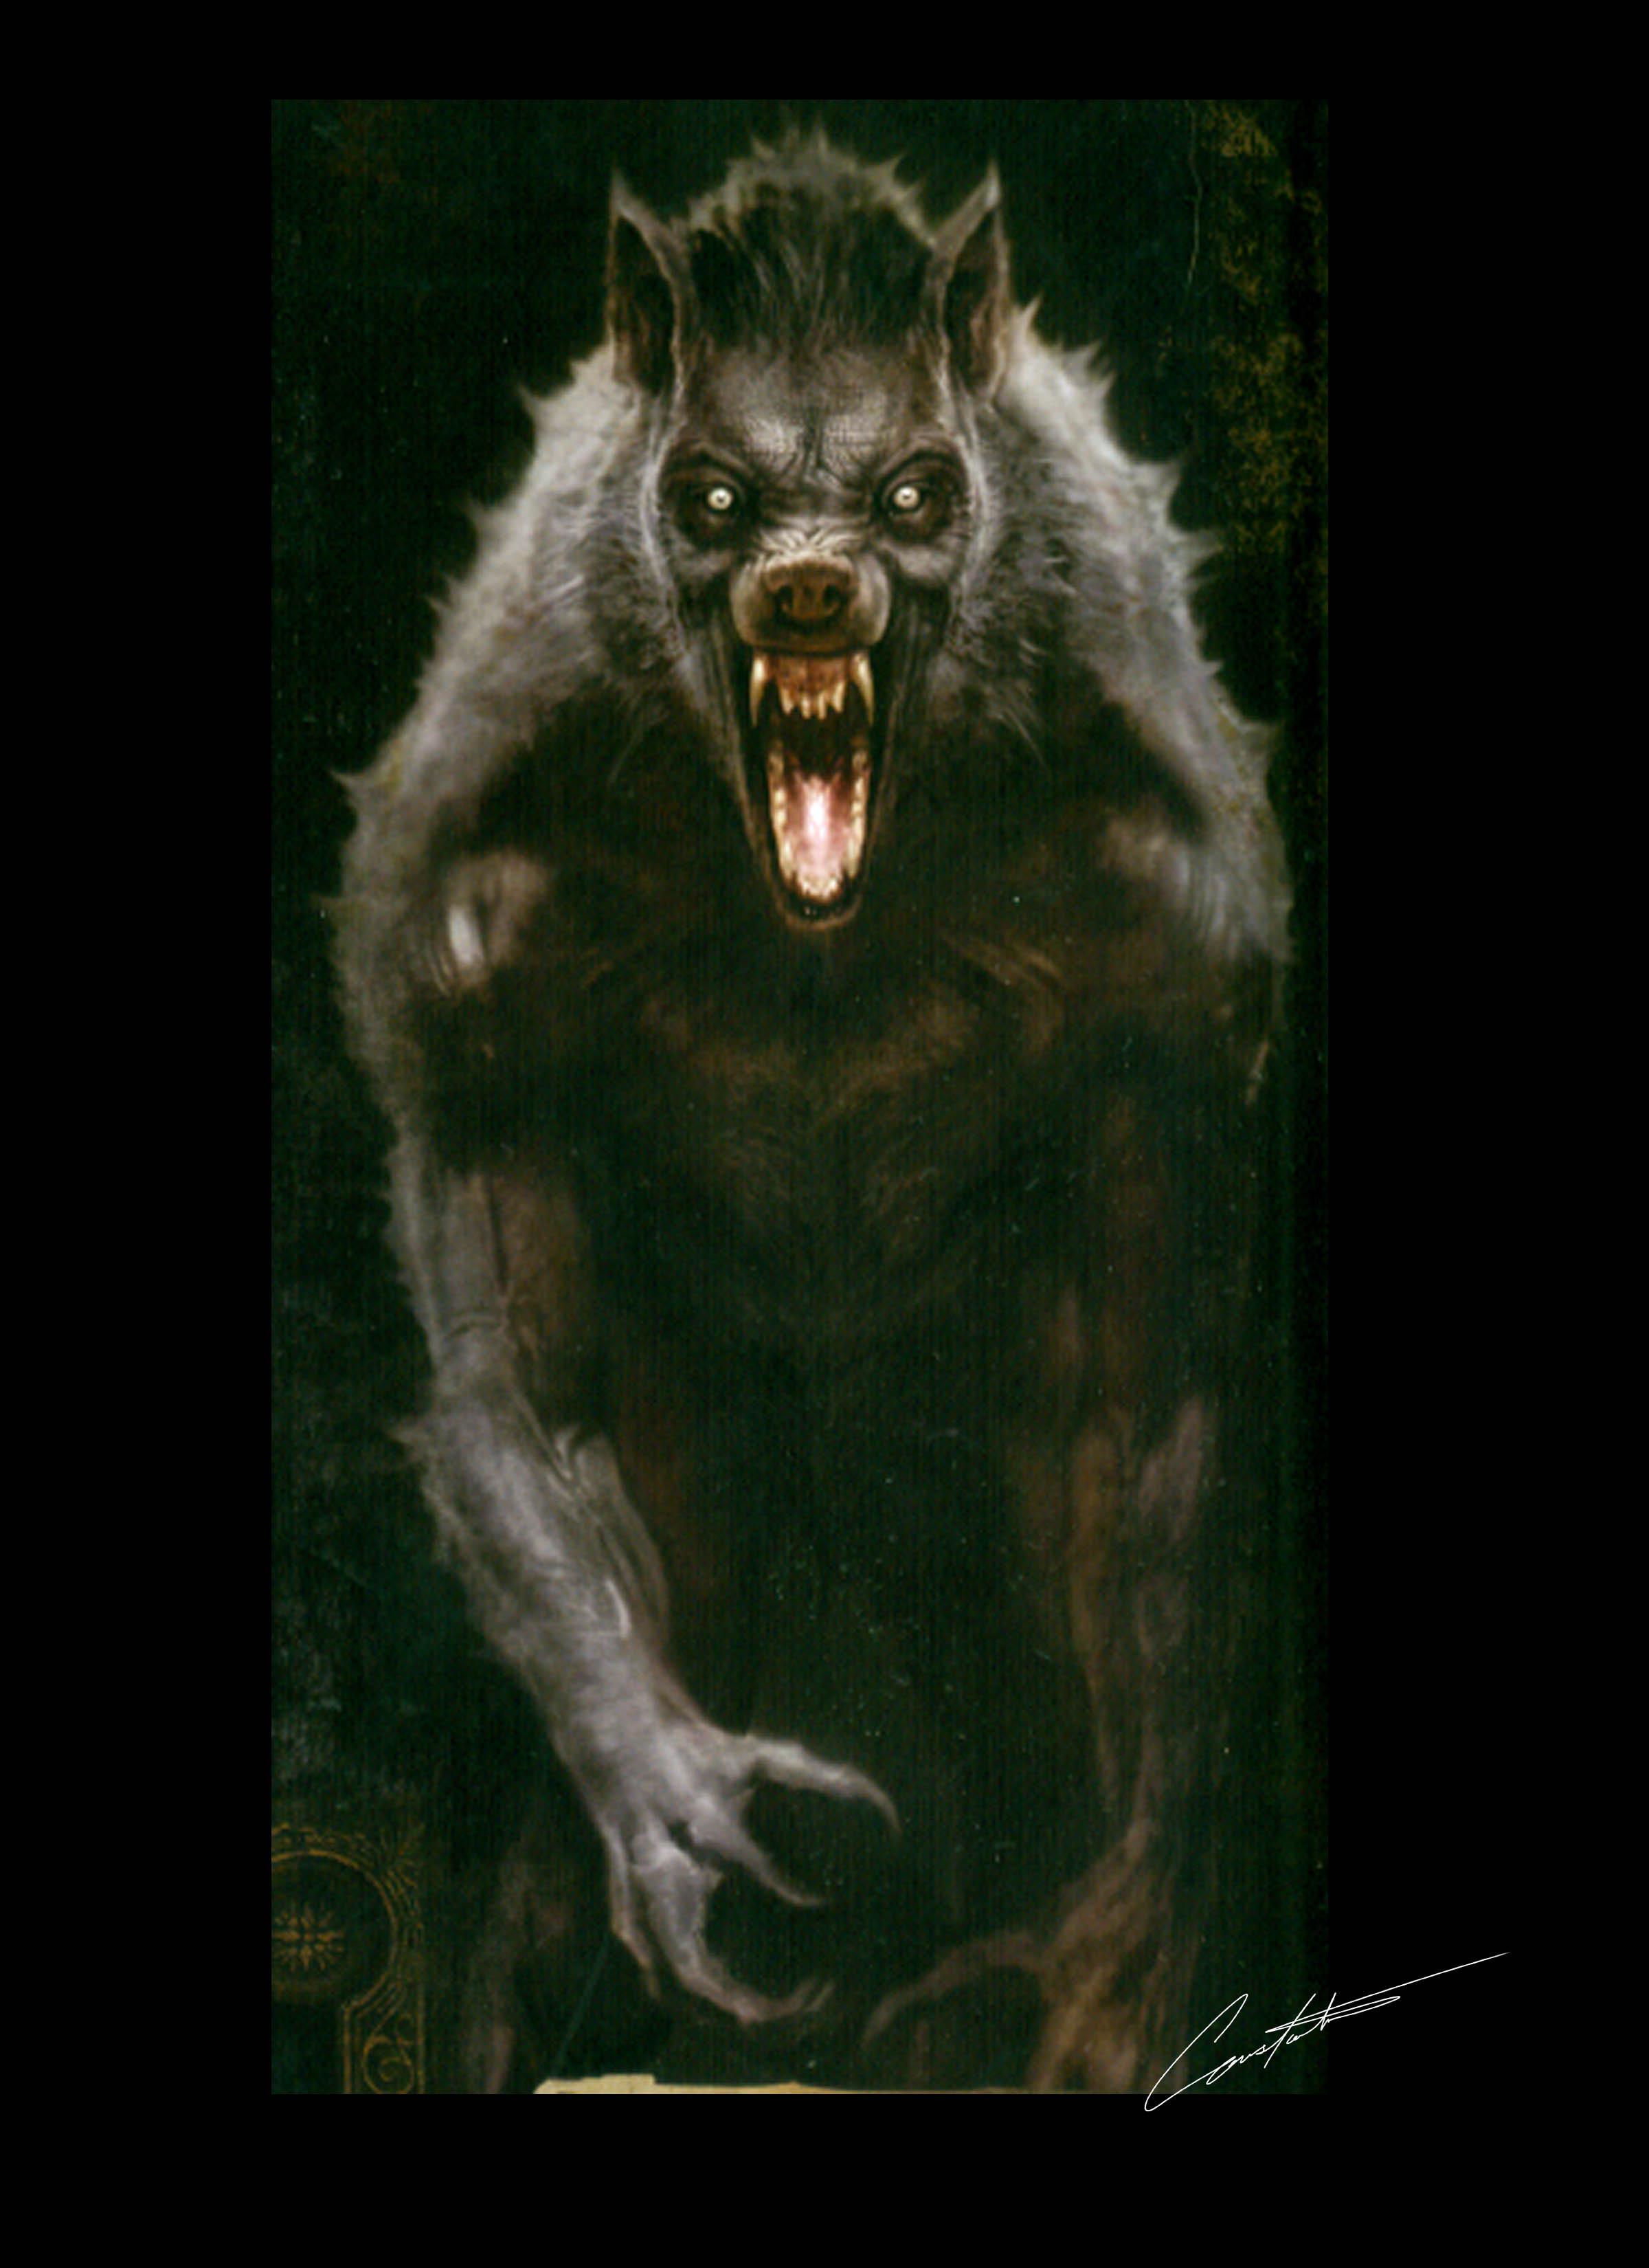 Cabin in the woods werewolf design